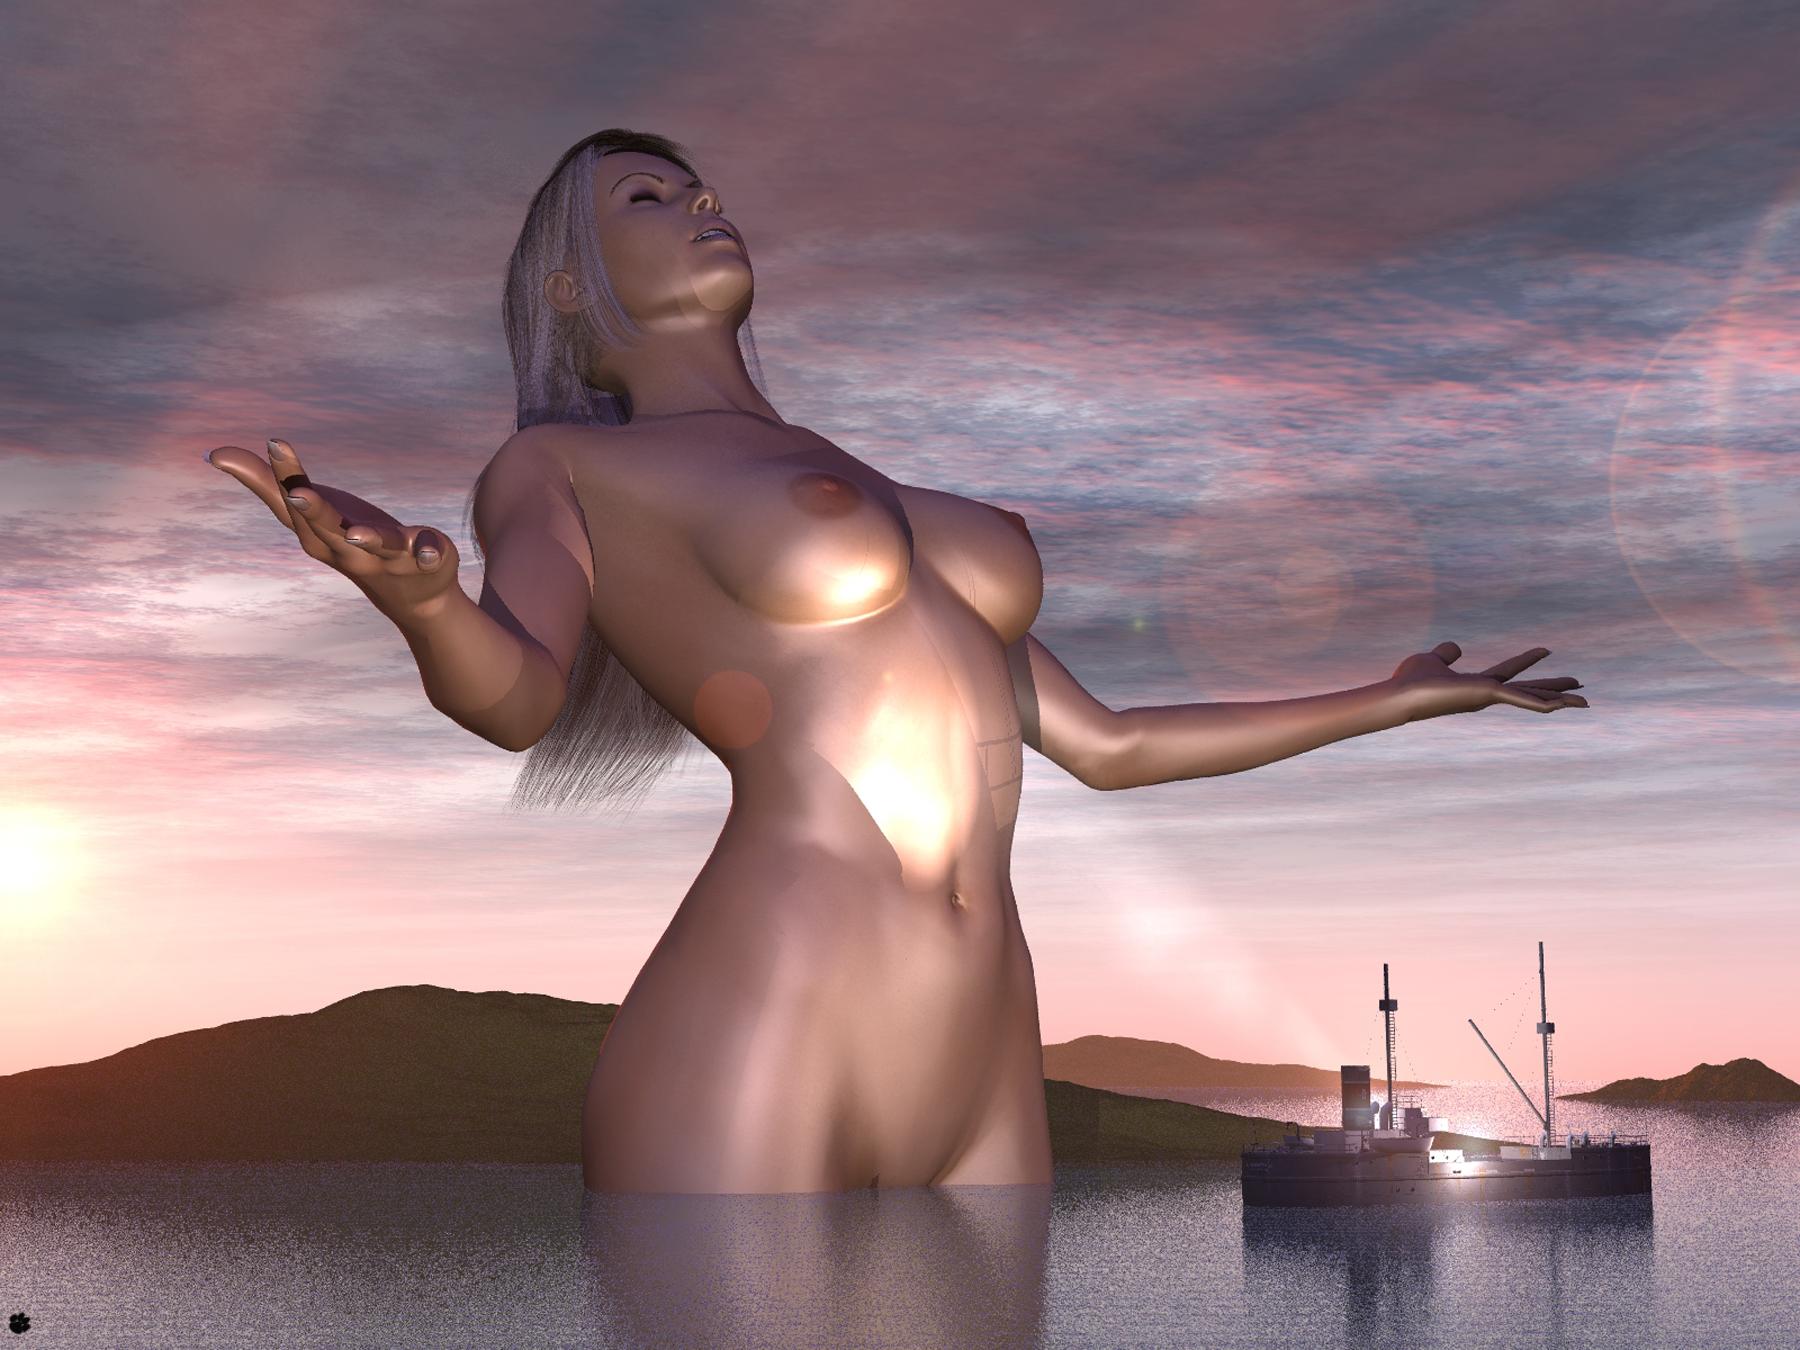 Virtual giantess girlfriend nude free hentai image